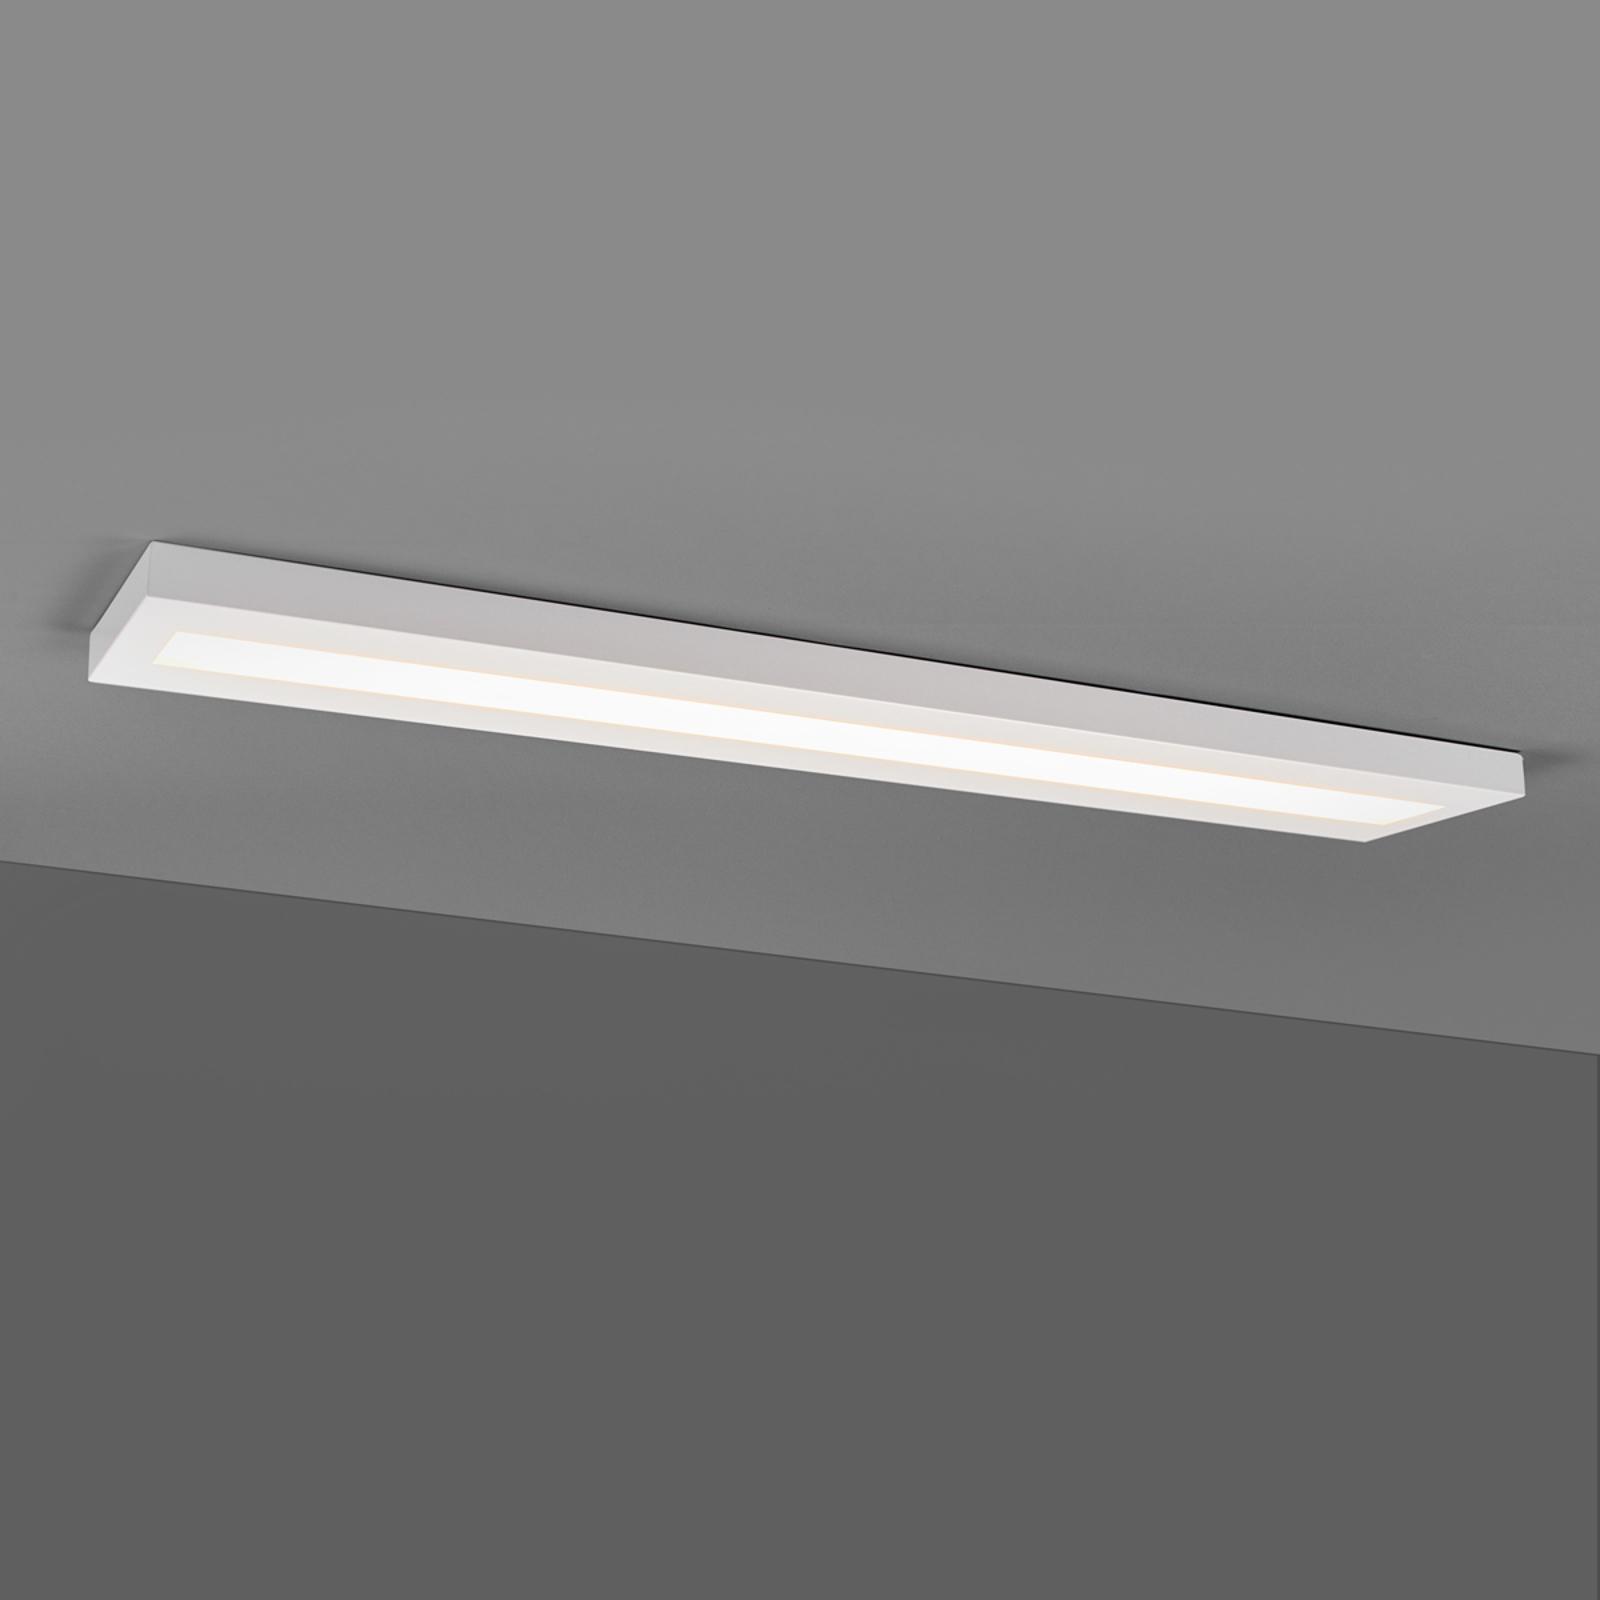 Aflangt LED-påbygningsarmatur 33 W hvid, BAP